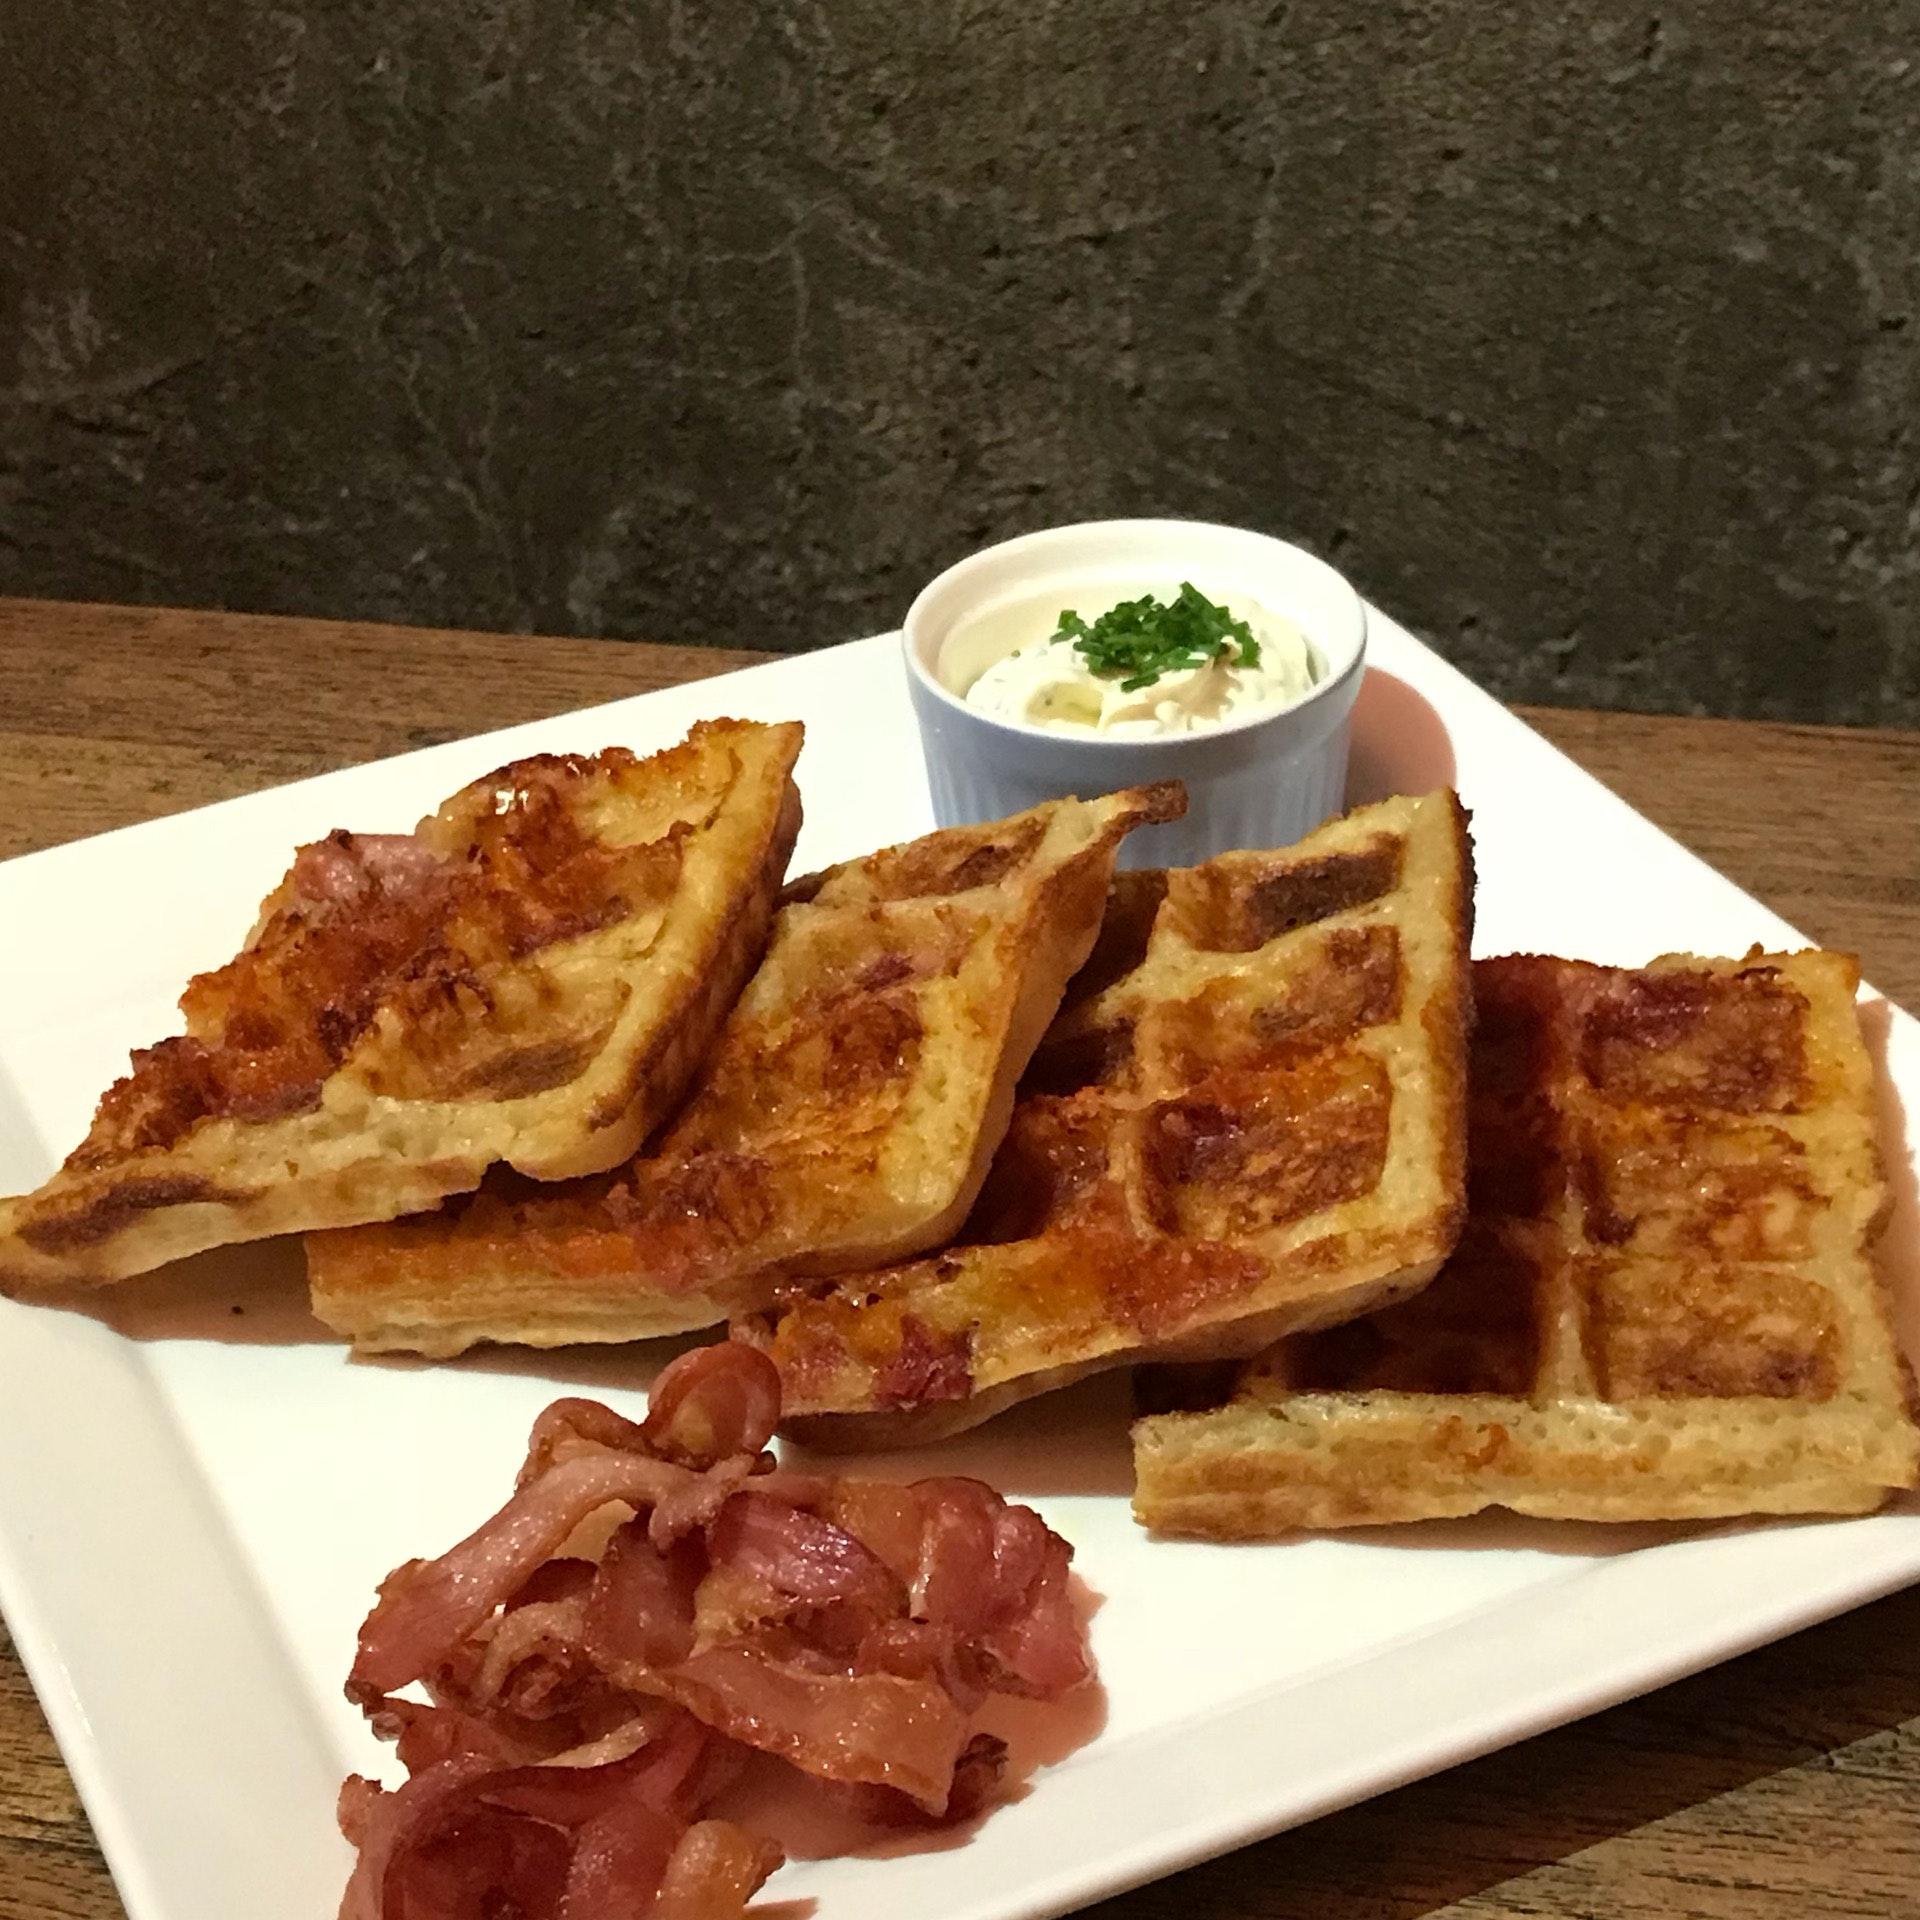 Cheddar Cheese Bacon Waffles [$19]